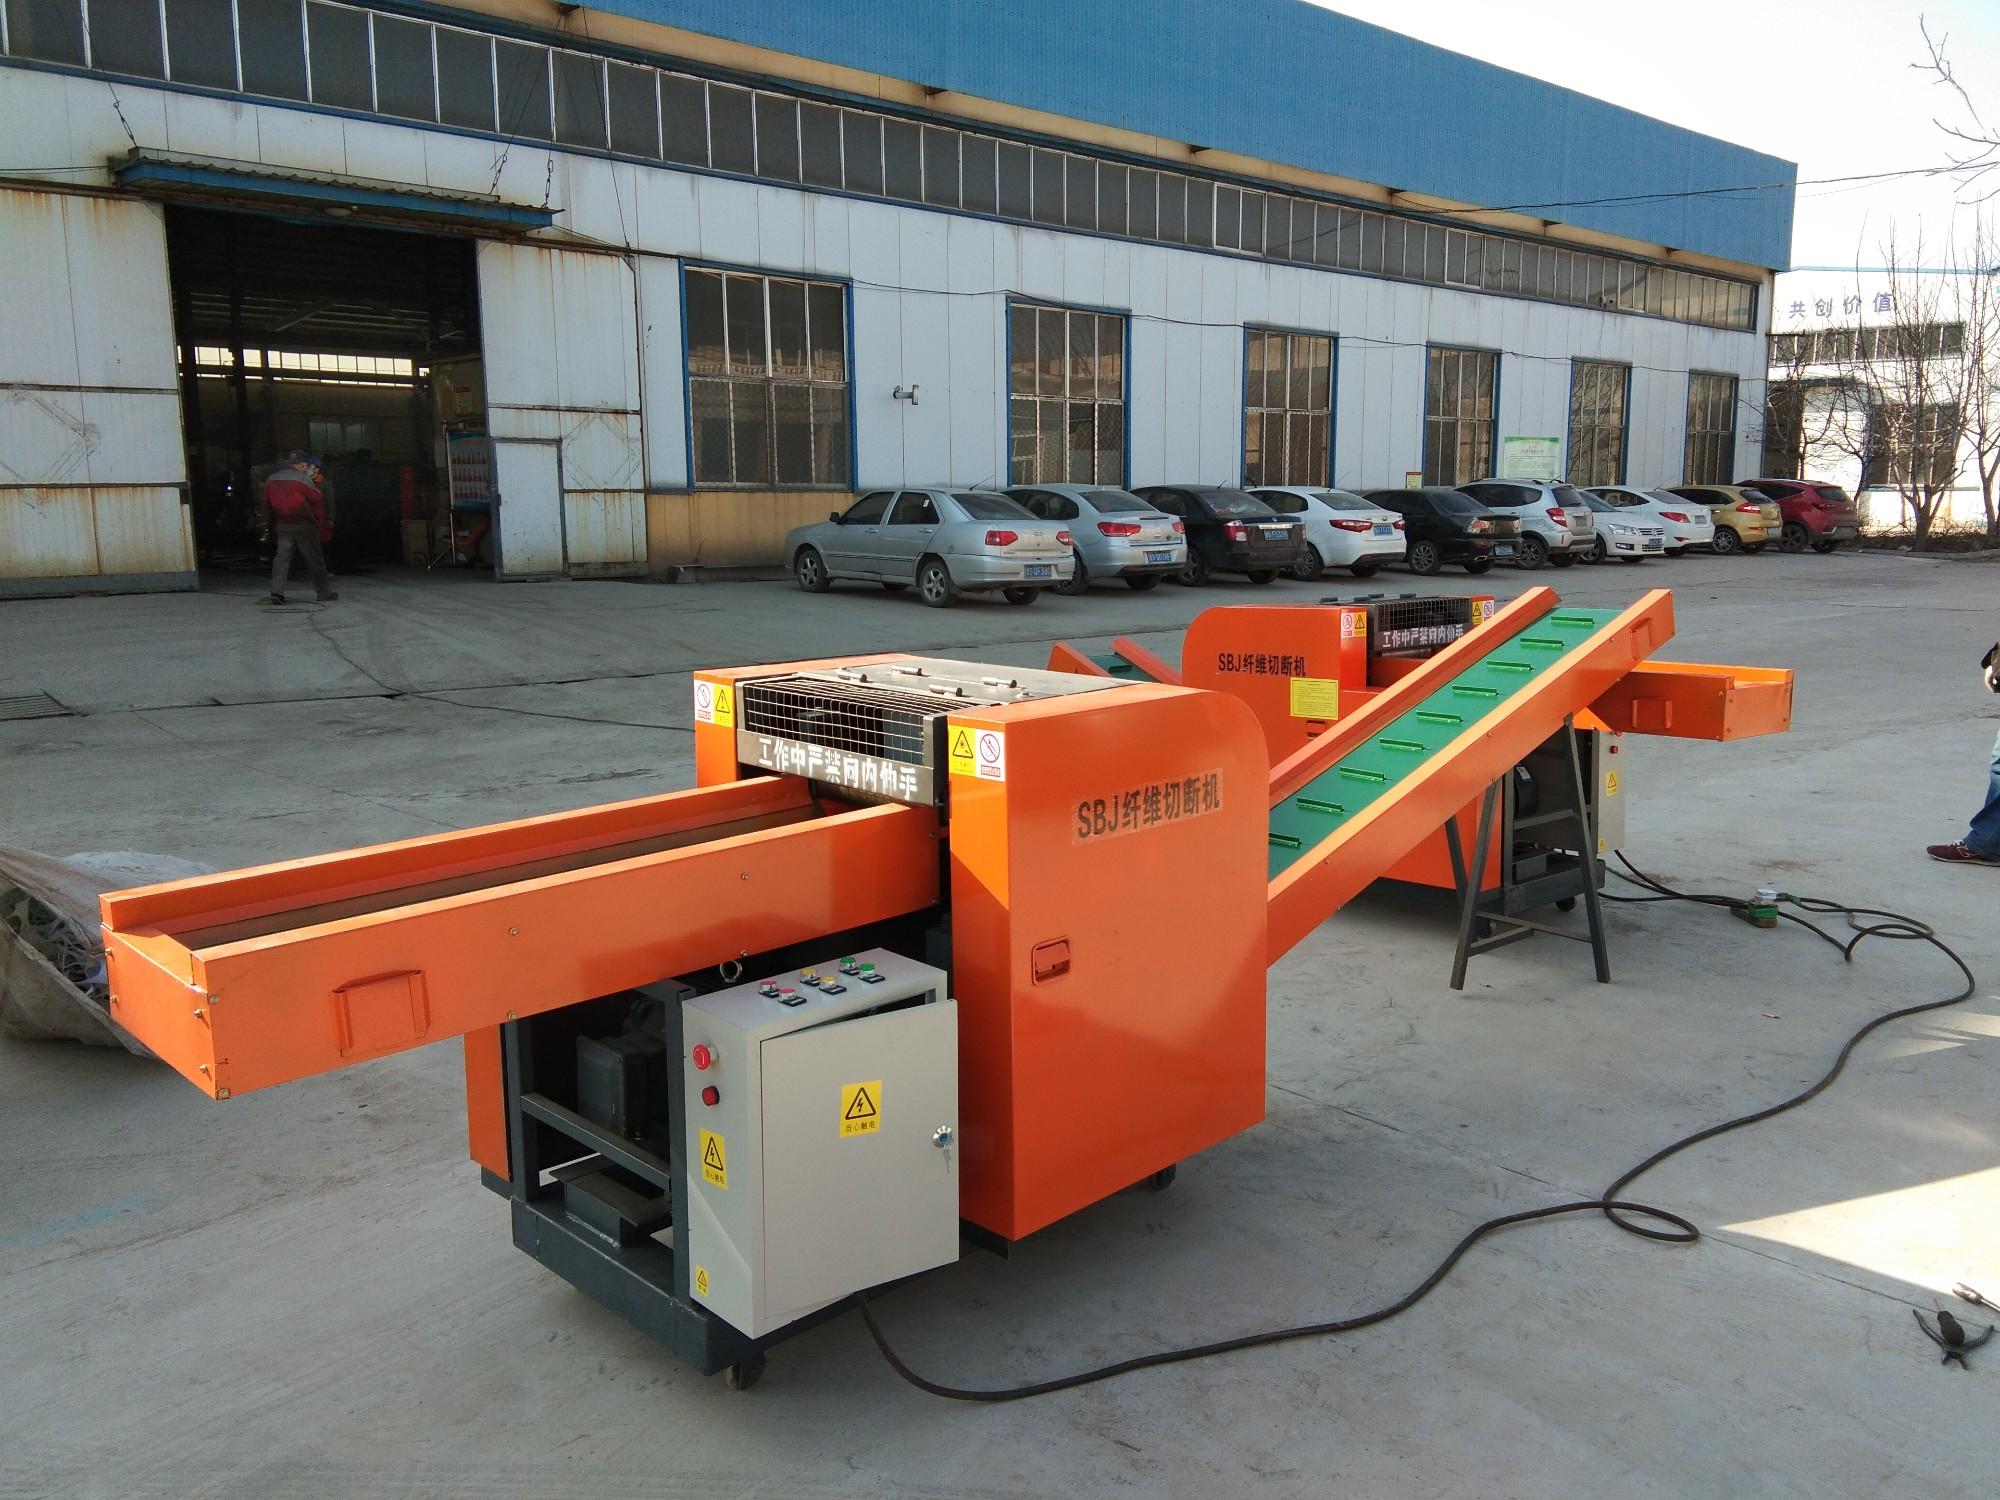 Cutter Shredder Machine For Mineral Fibres Manufacturers, Cutter Shredder Machine For Mineral Fibres Factory, Supply Cutter Shredder Machine For Mineral Fibres